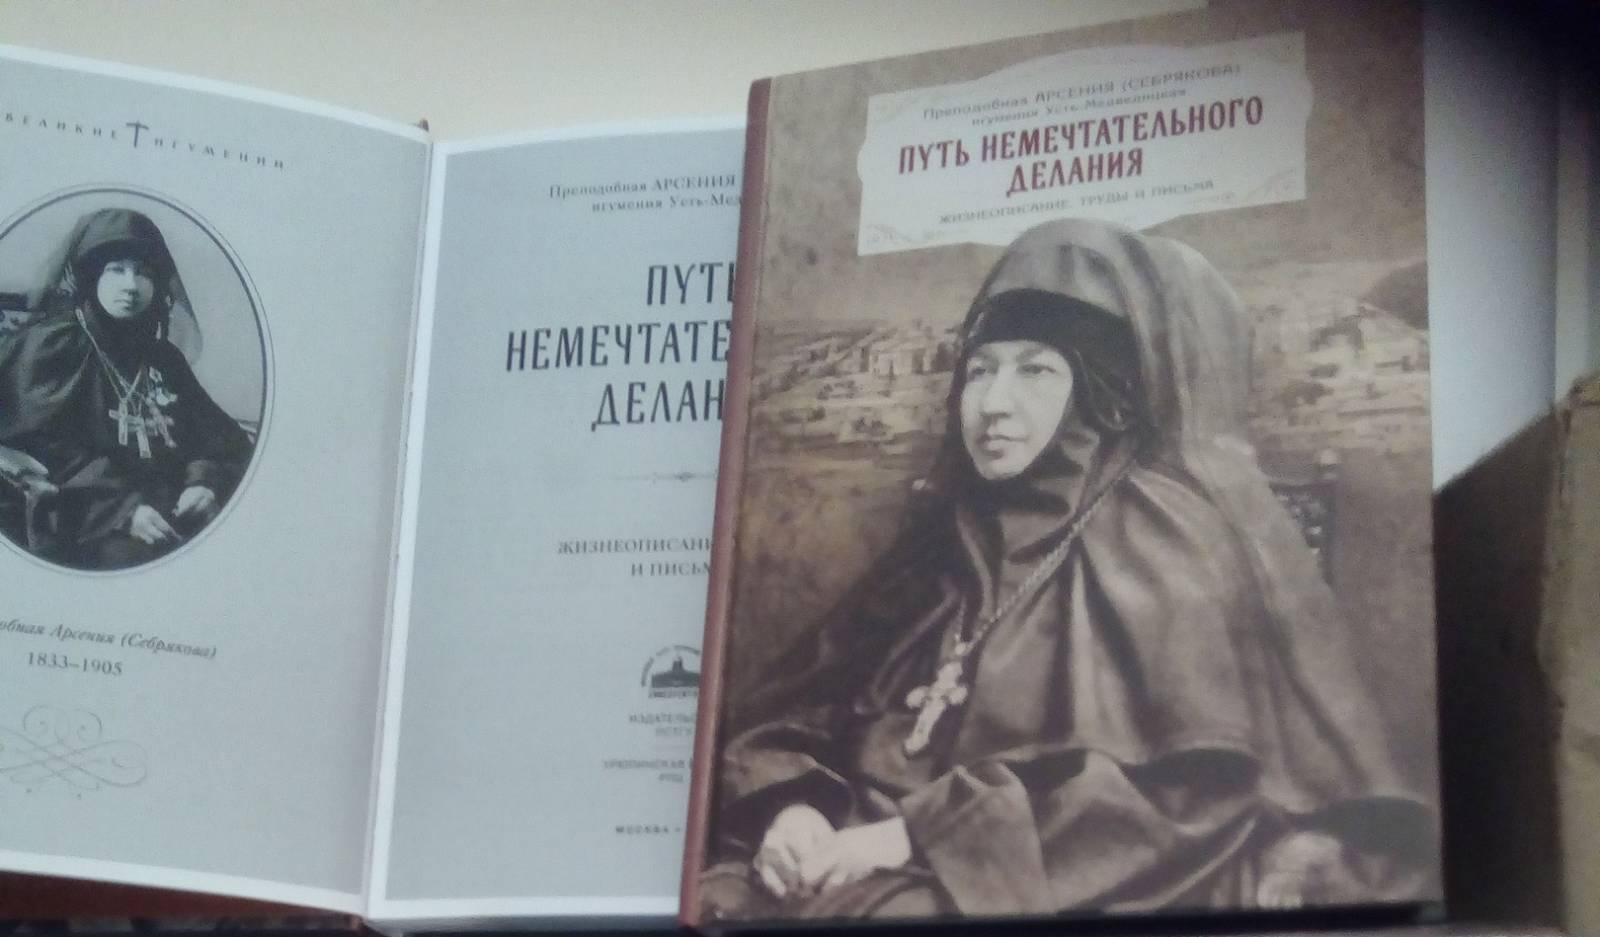 Книга о прп. Арсении Усть-Медведицкой (видео)